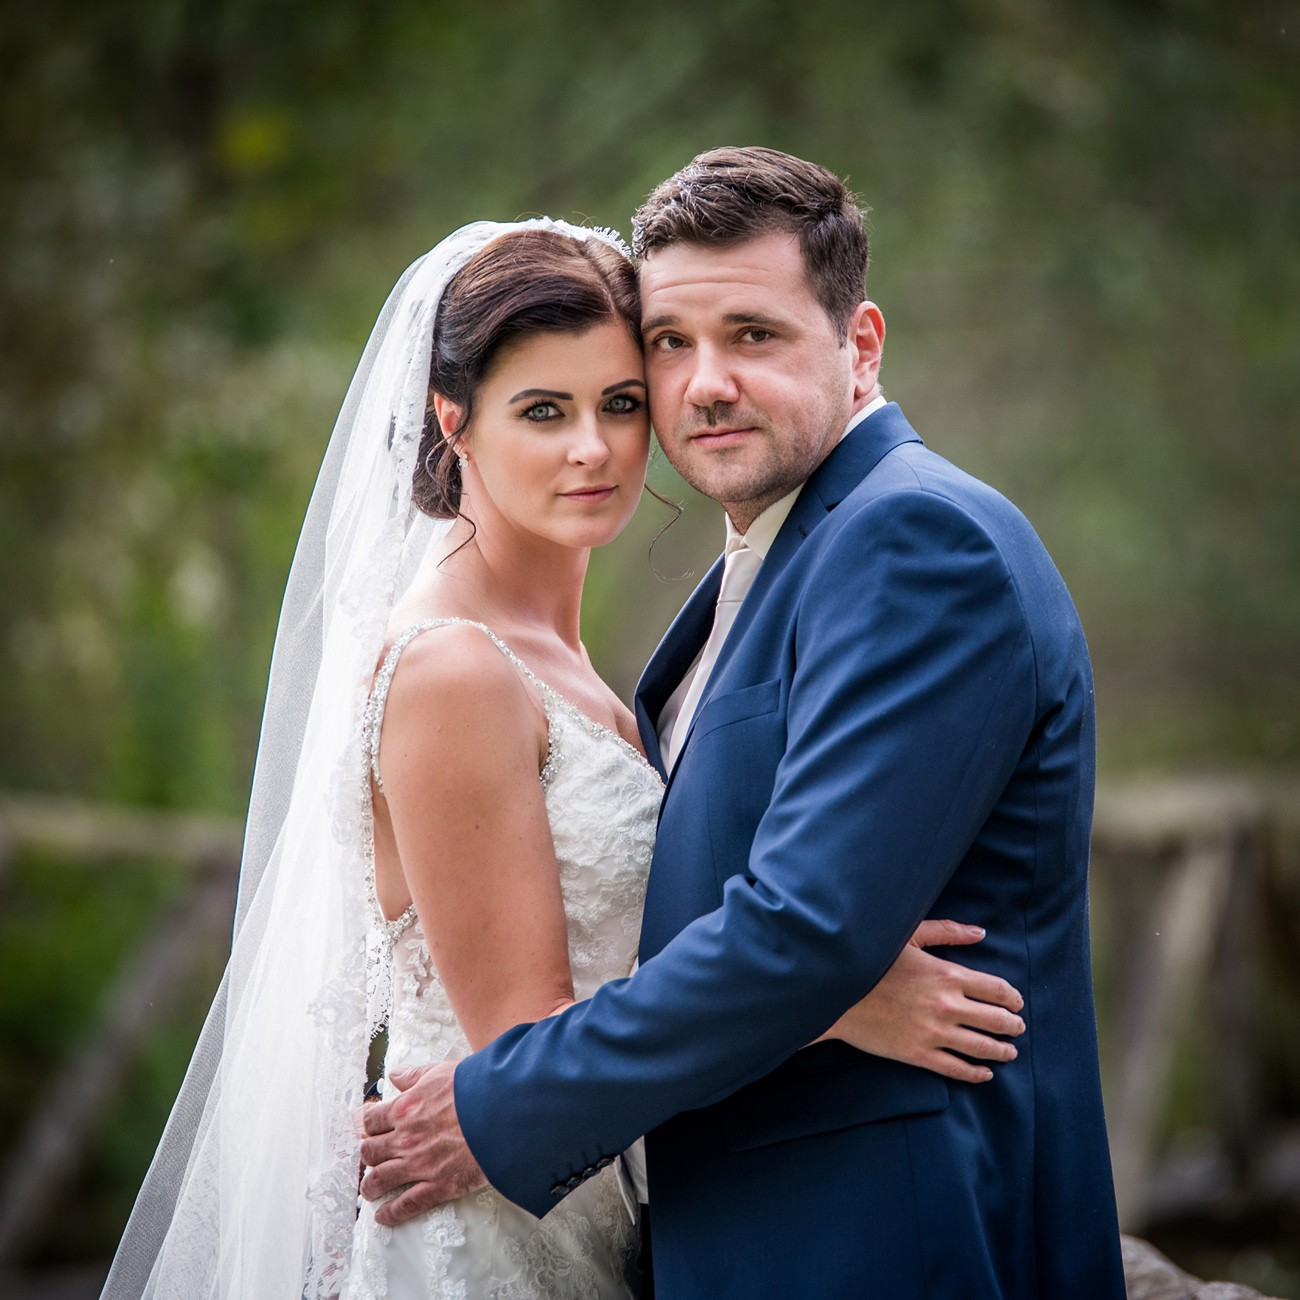 Esküvői fotós - Tündi és Gyula esküvője - szegfi robert photography